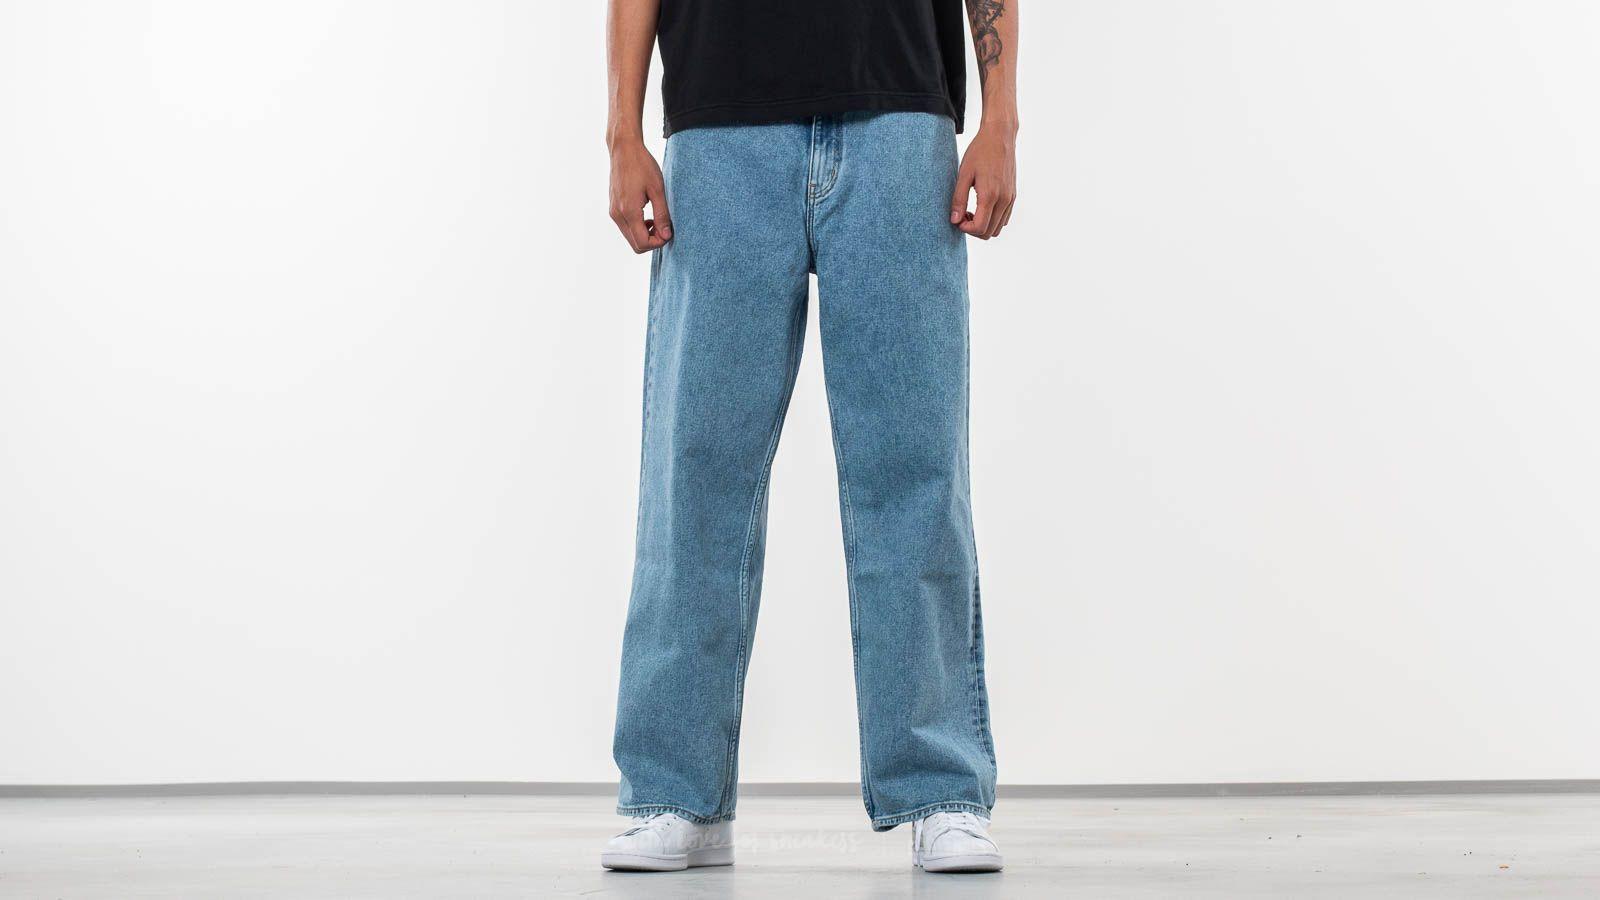 Our Legacy Vast Cut Jeans Dry Vintage Wash za skvělou cenu 3 050 Kč koupíte na Footshop.cz